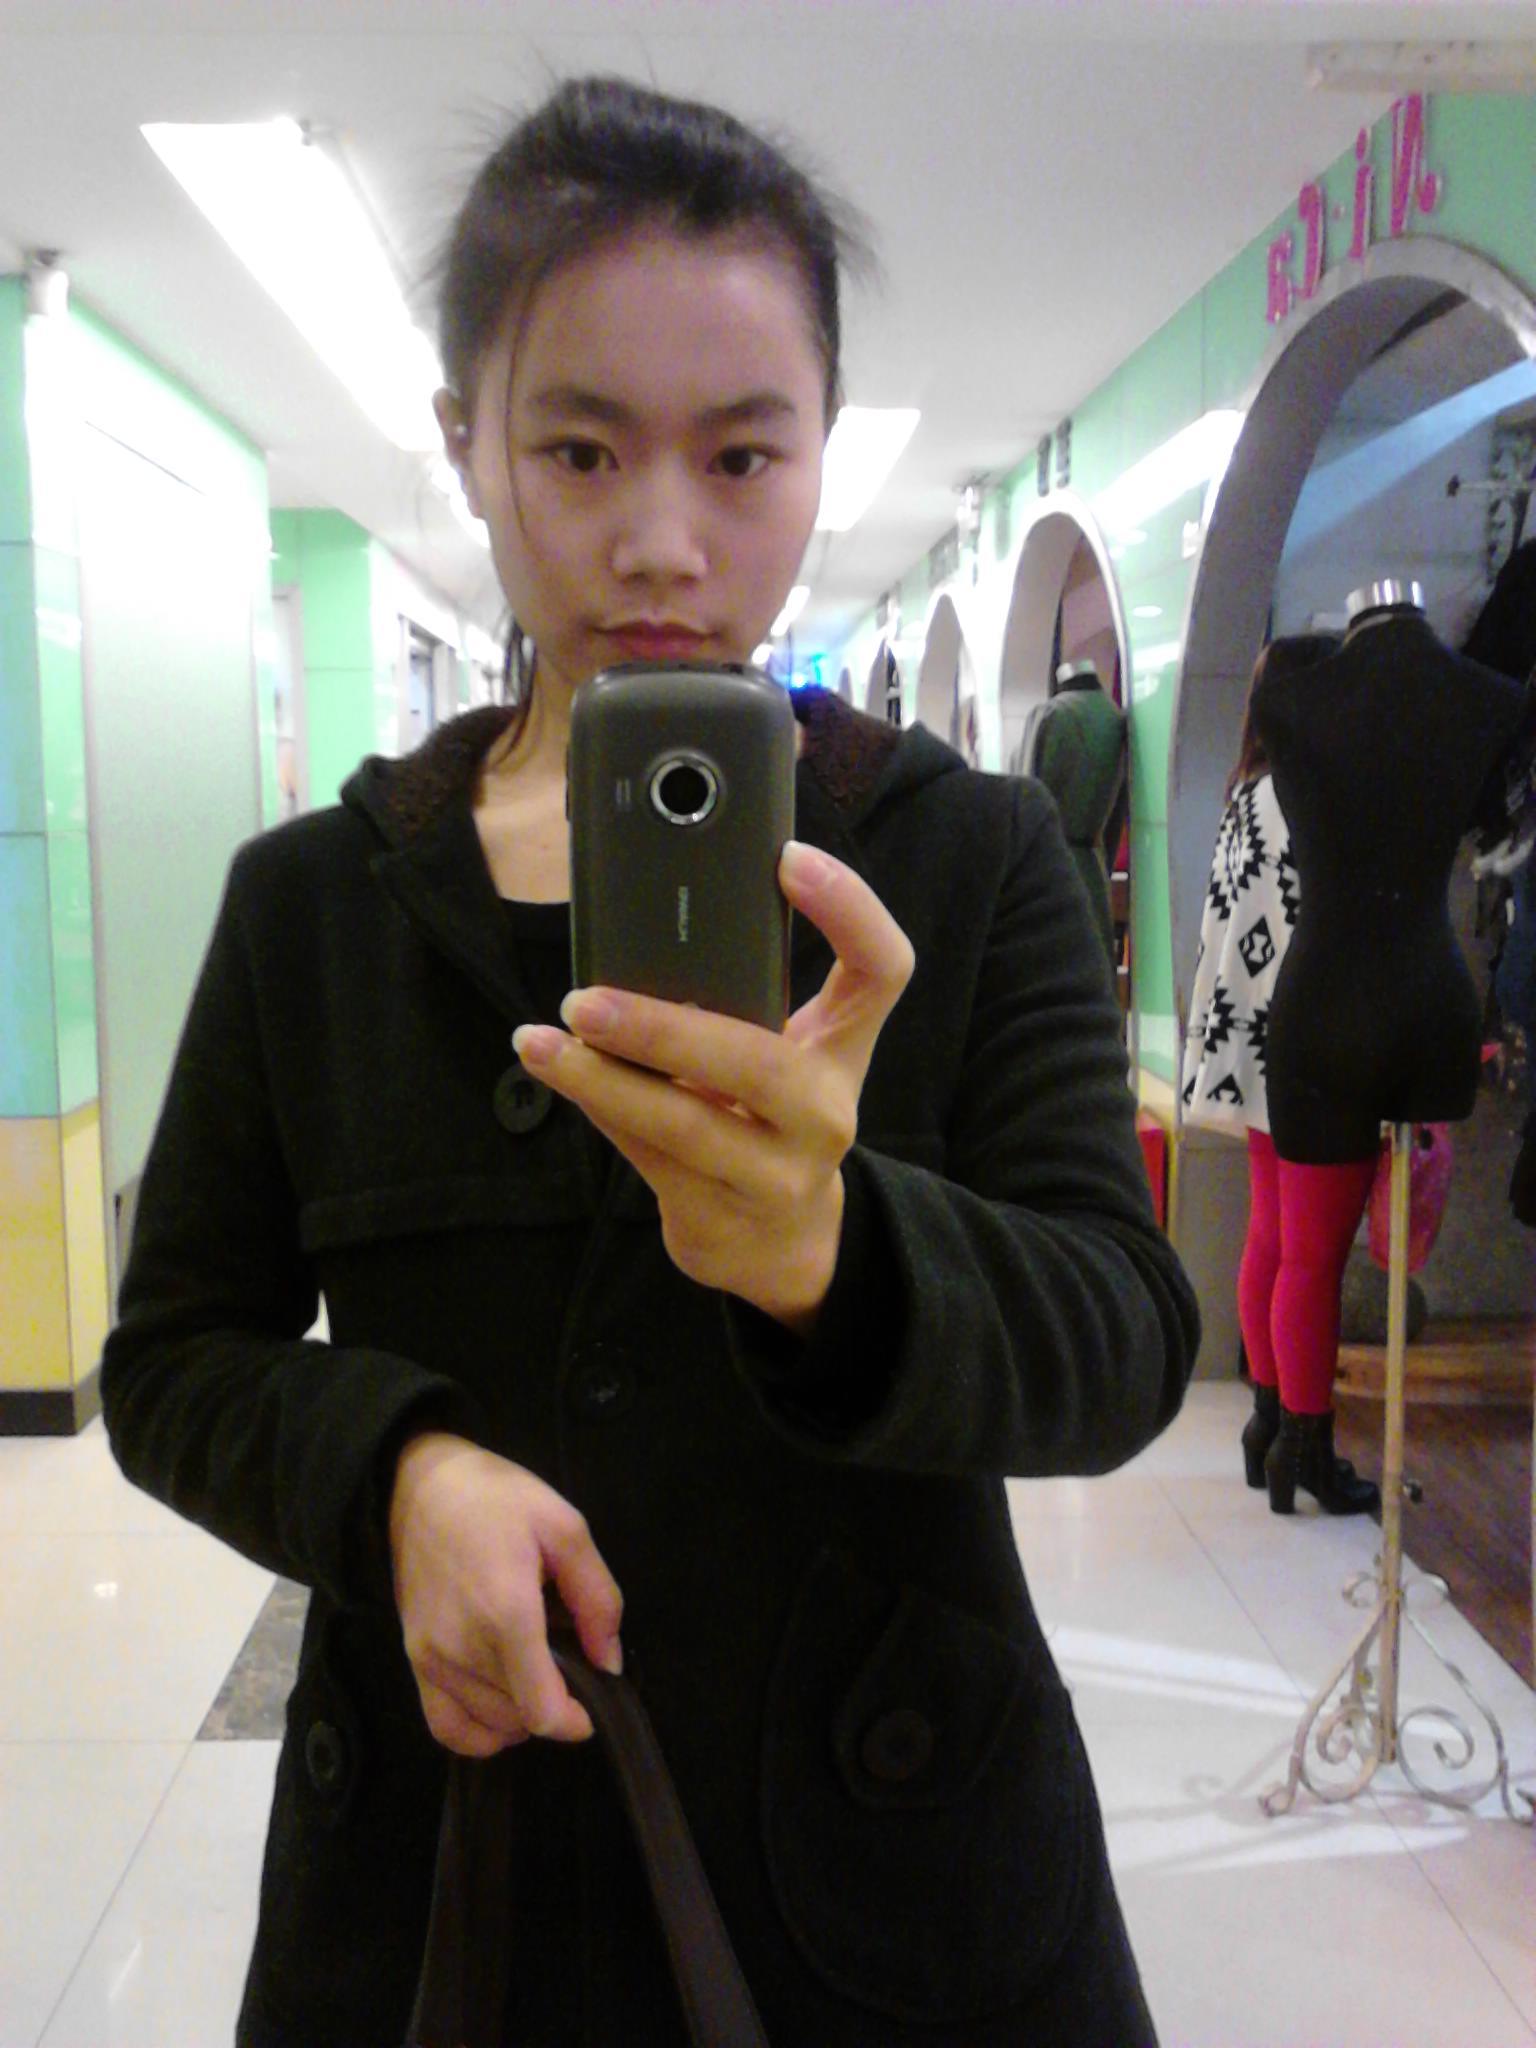 留刘海半年,到腮帮,短发到肩膀,超喜欢齐刘海,但可能齐刘海显脸胖图片